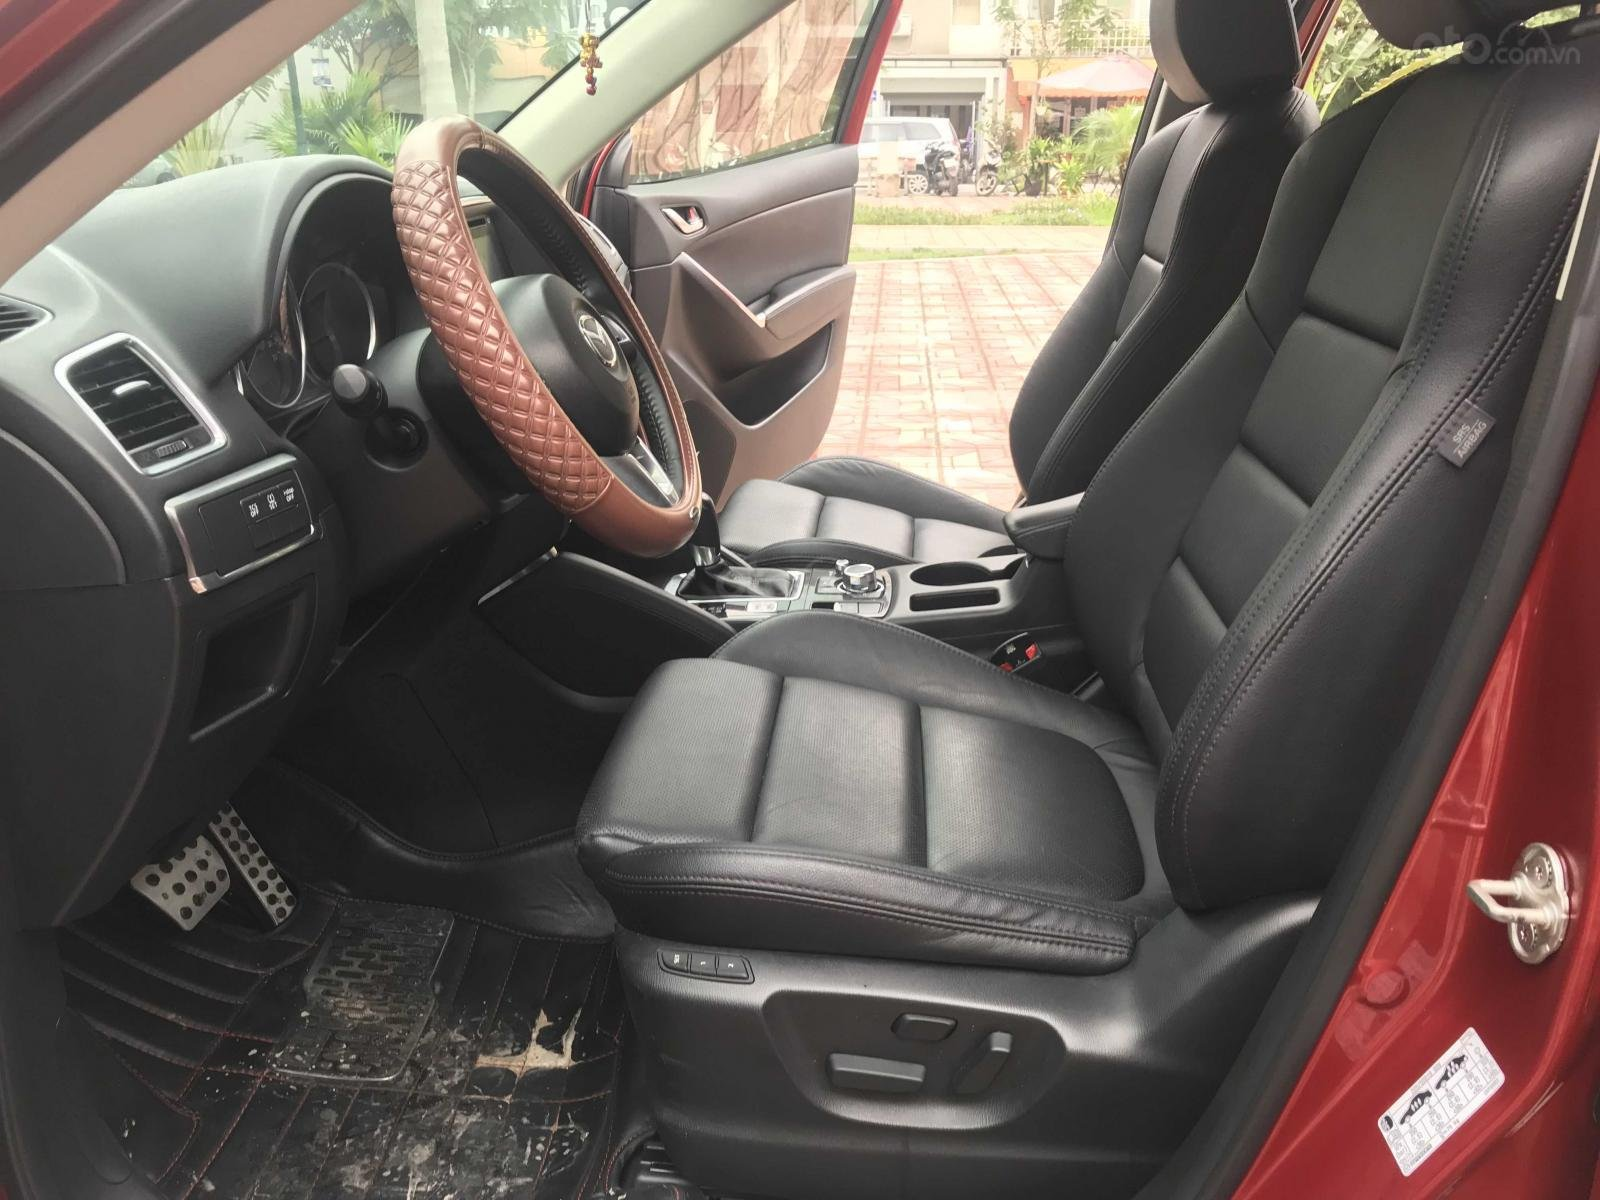 Bán Mazda CX 5 đăng ký lần đầu 2016, màu đỏ còn mới, giá 770 triệu đồng (7)